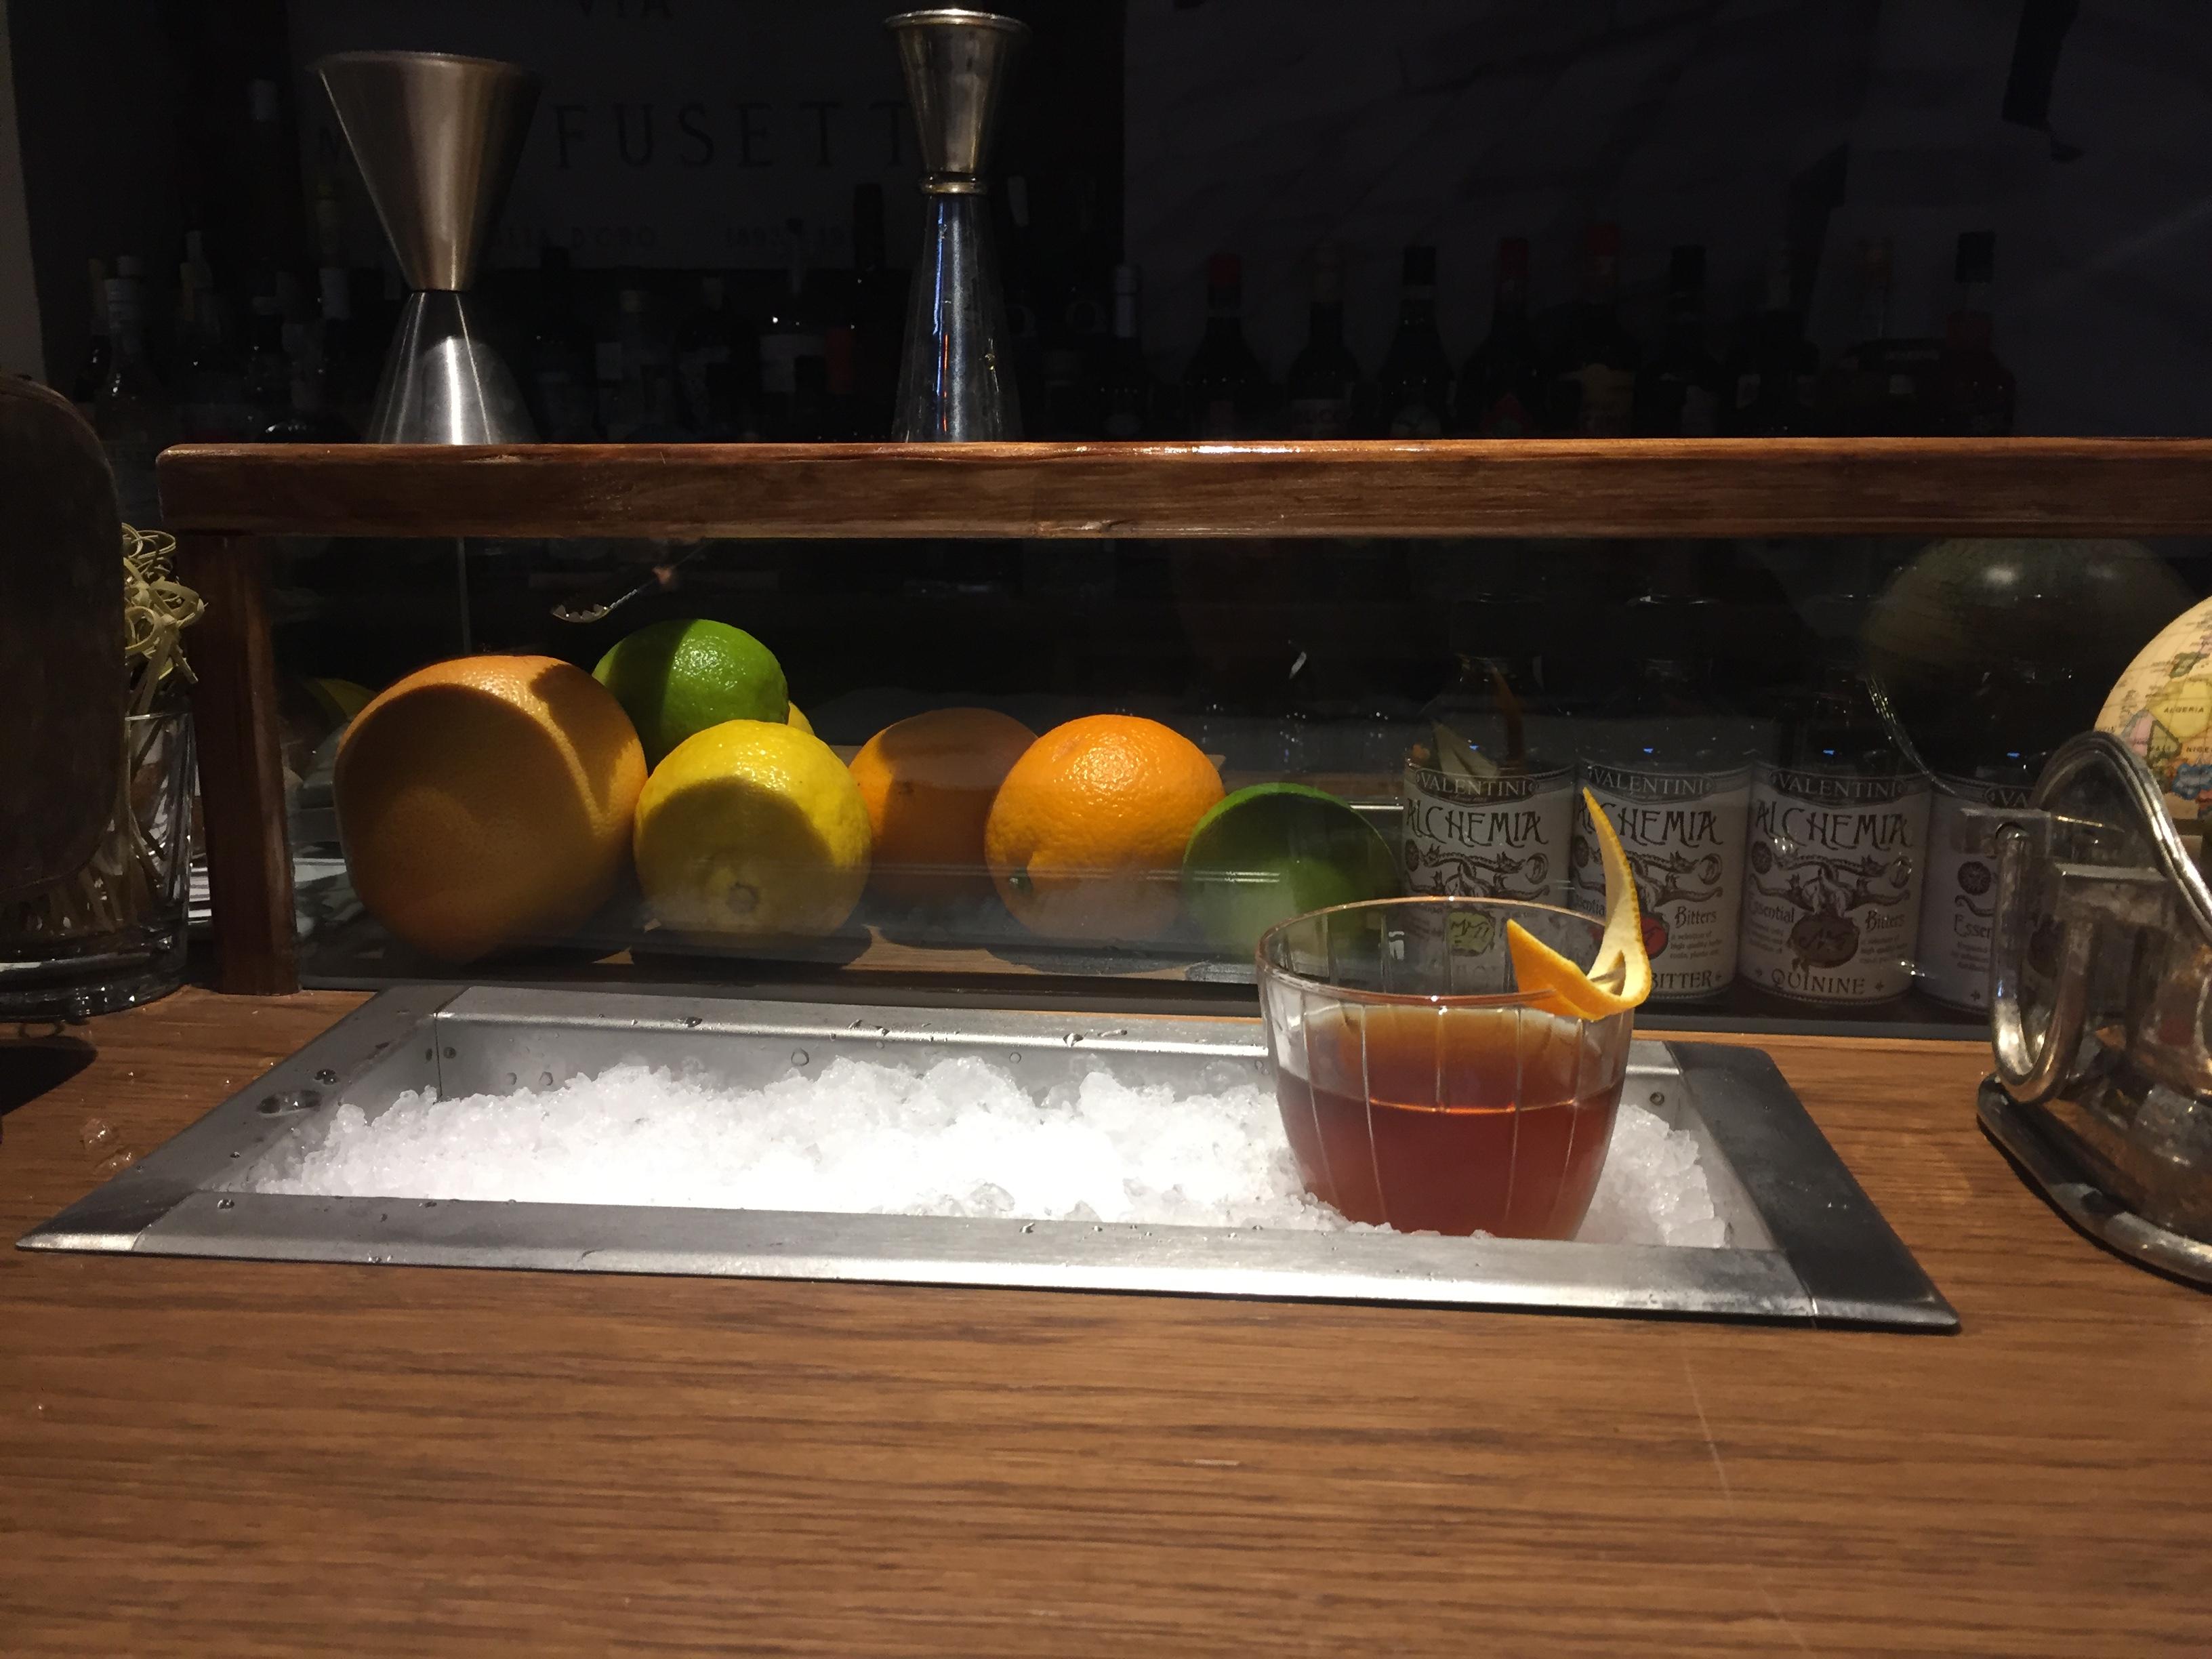 La vaschetta refrigerata nel bancone del bar